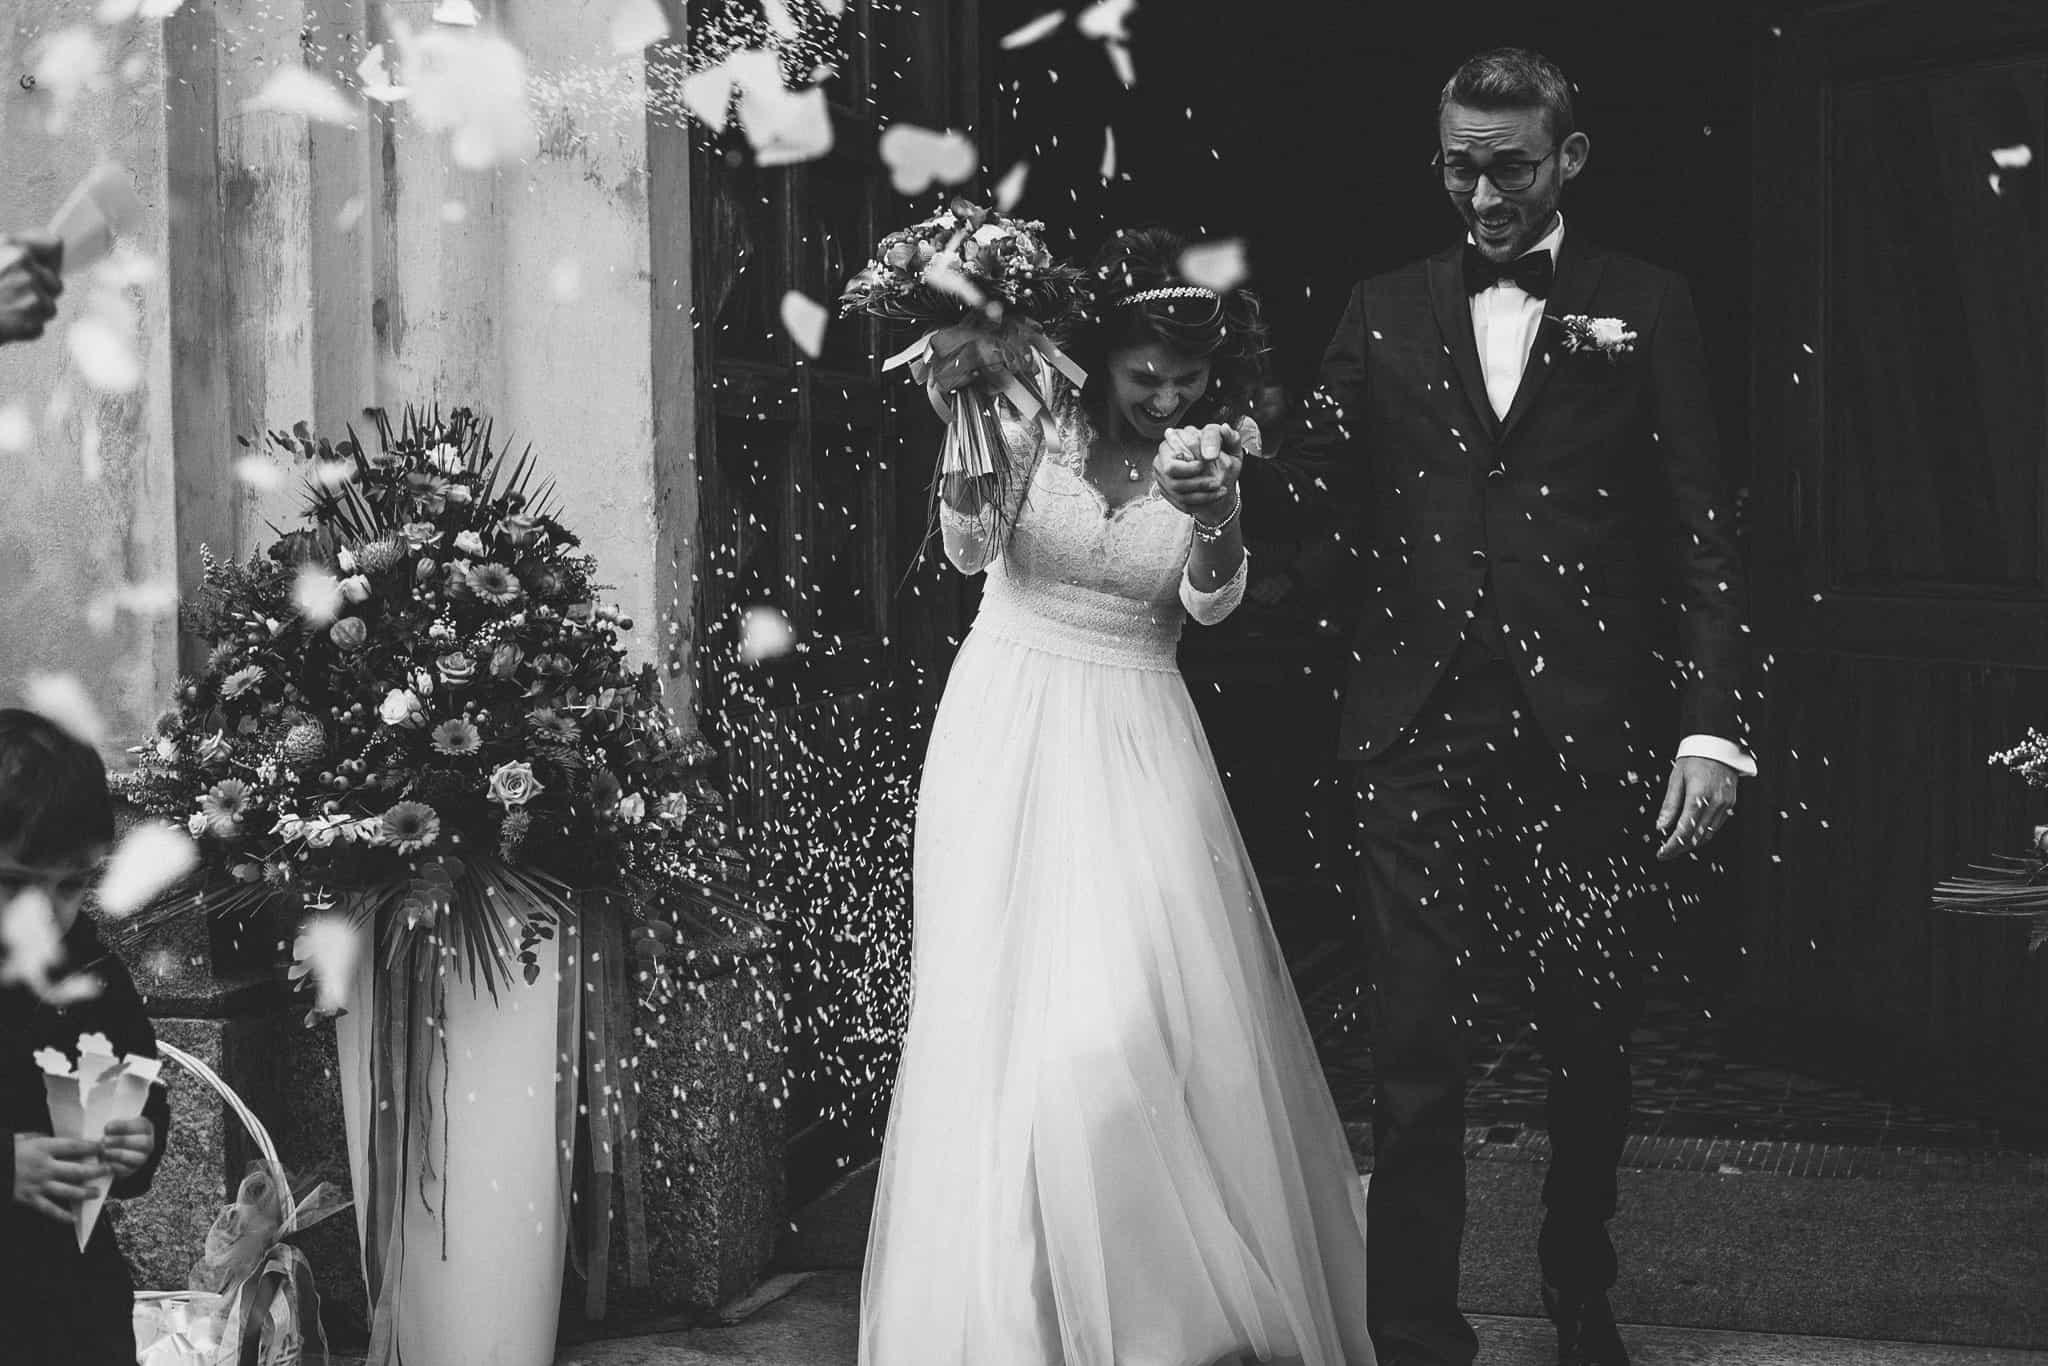 matrimonio_villa_acquaroli_Lucarossifoto_24